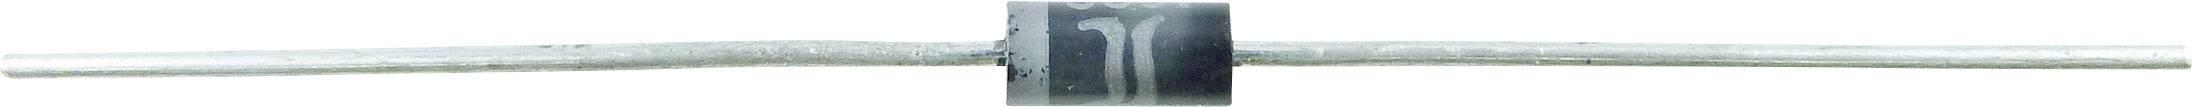 TVS dioda TRU COMPONENTS TC-P6KE15CA, DO-15 , 14.3 V, 600 W